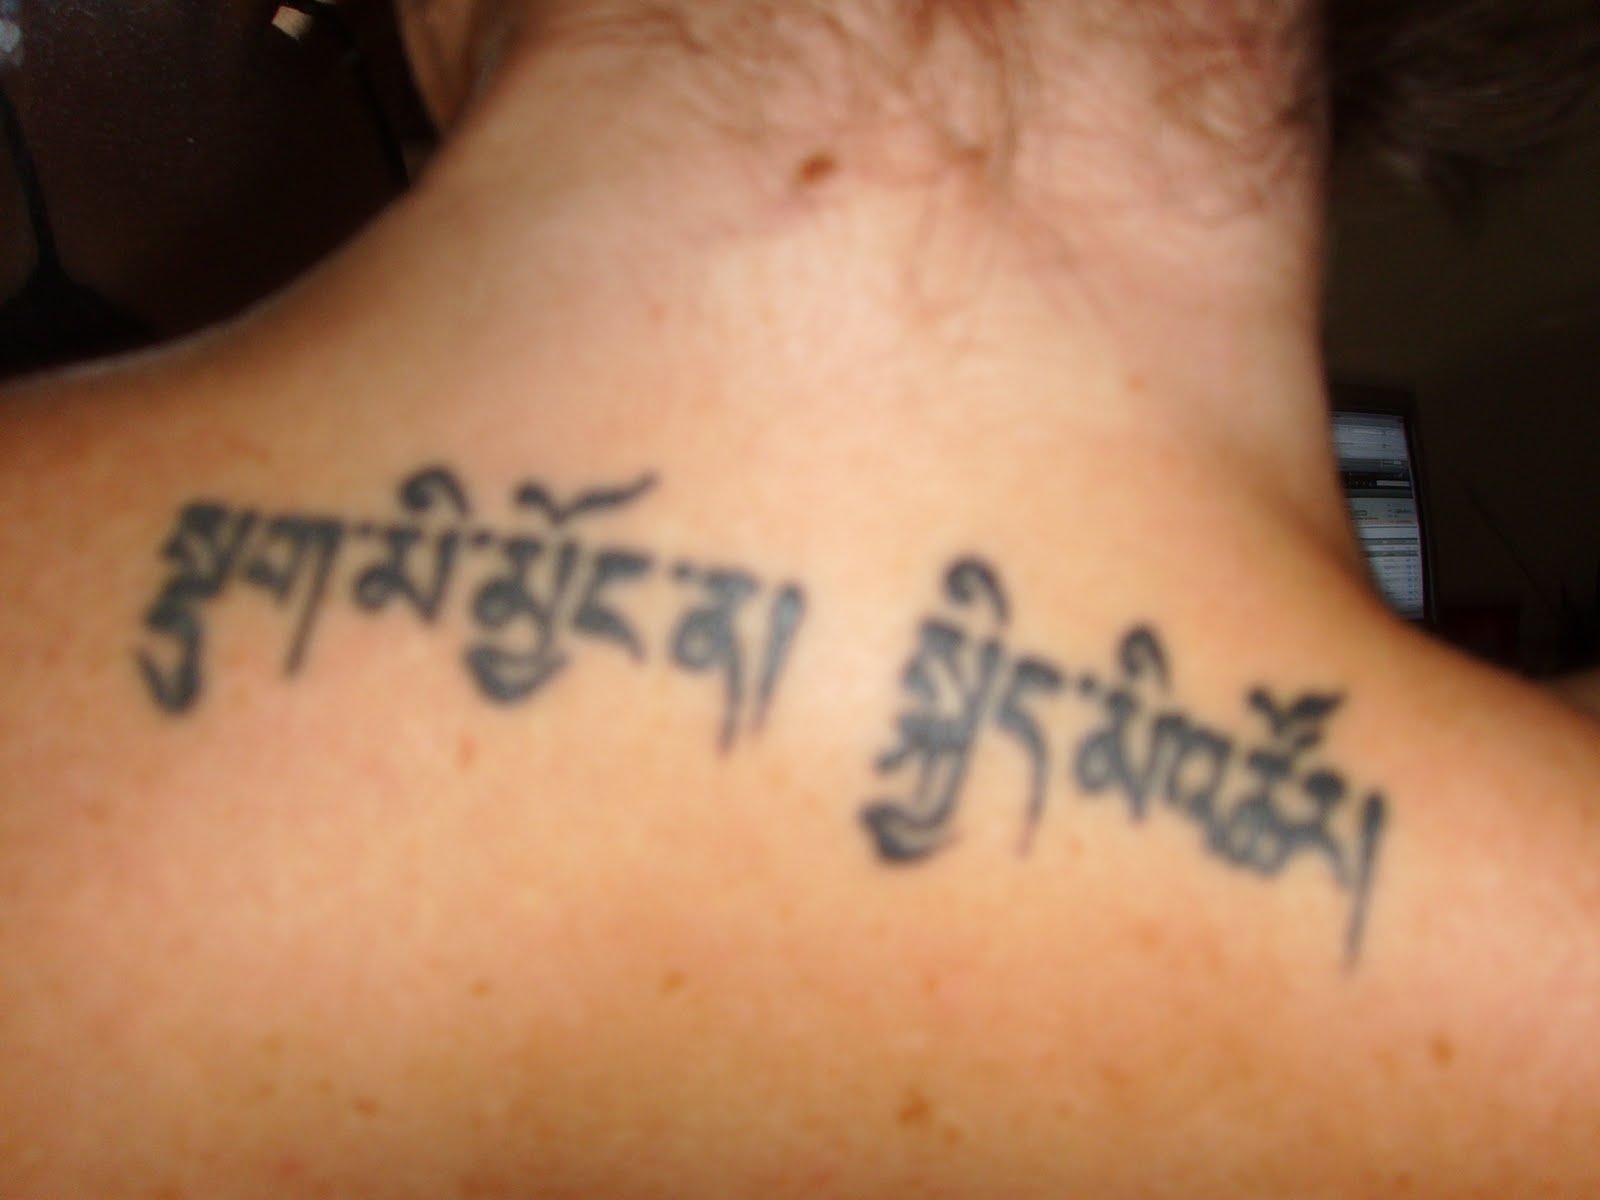 Les tatouages dans une langue étrangère Freelang